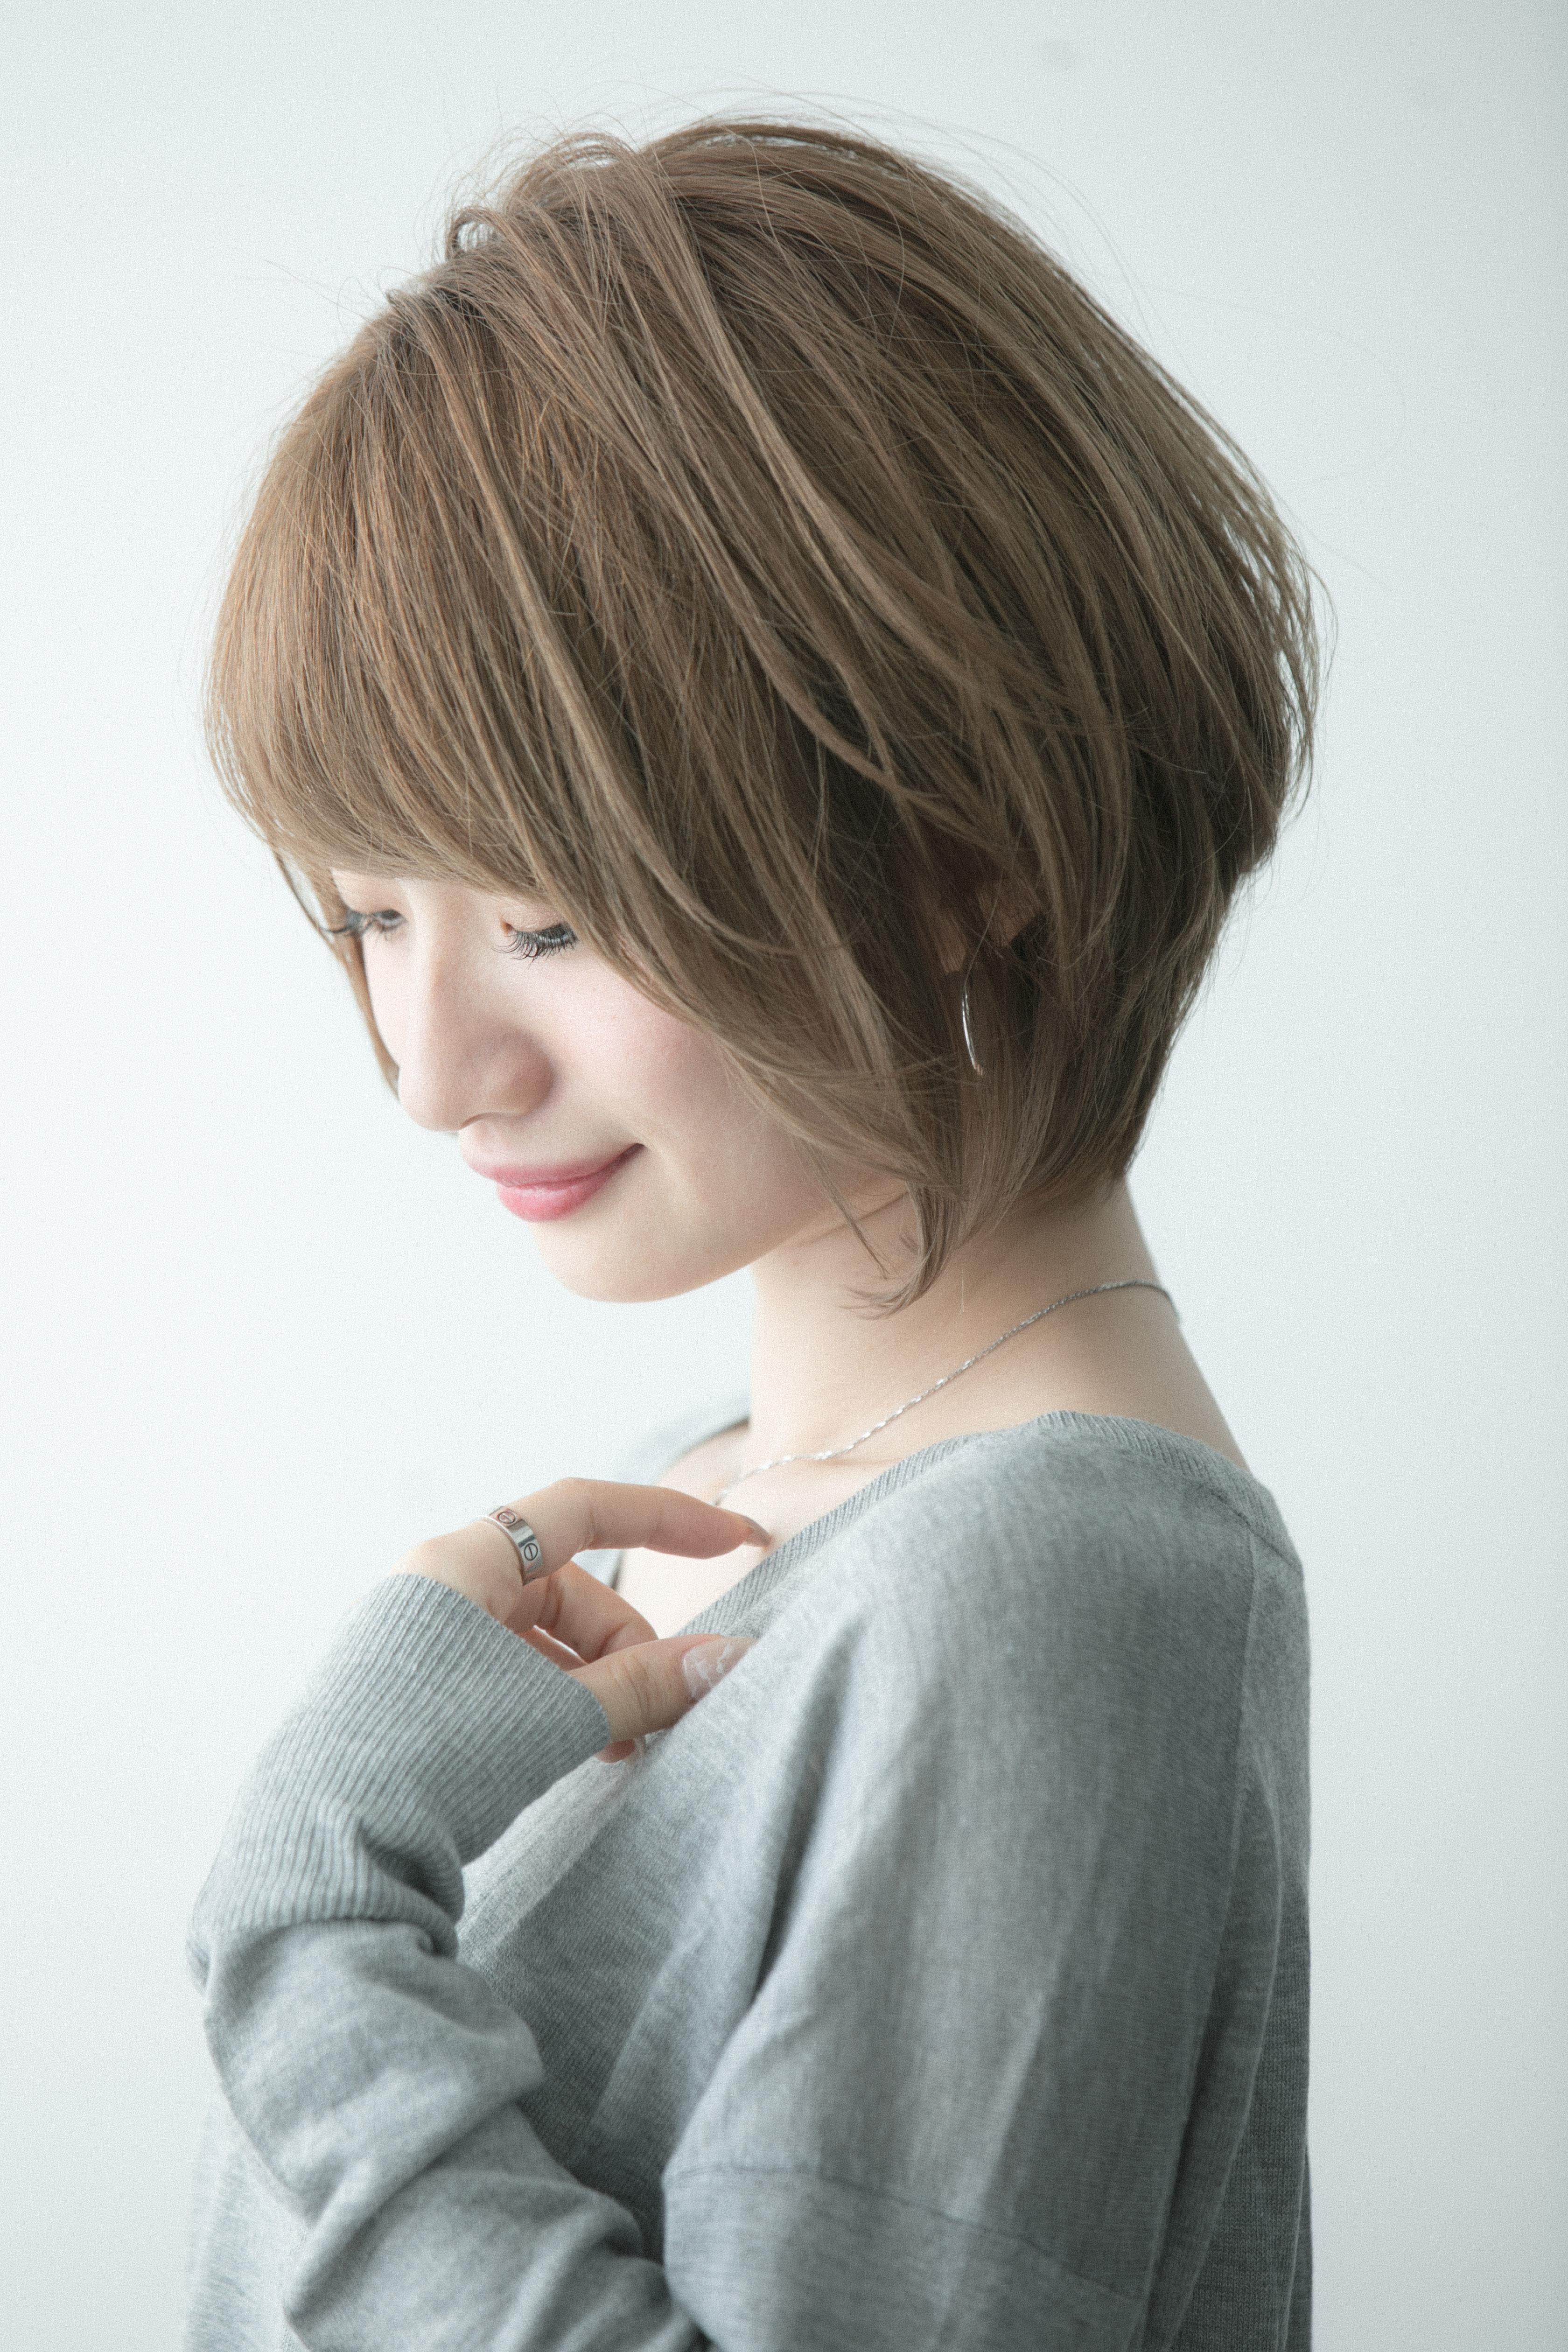 束感、透け感がおしゃれなショートボブ☆長谷川